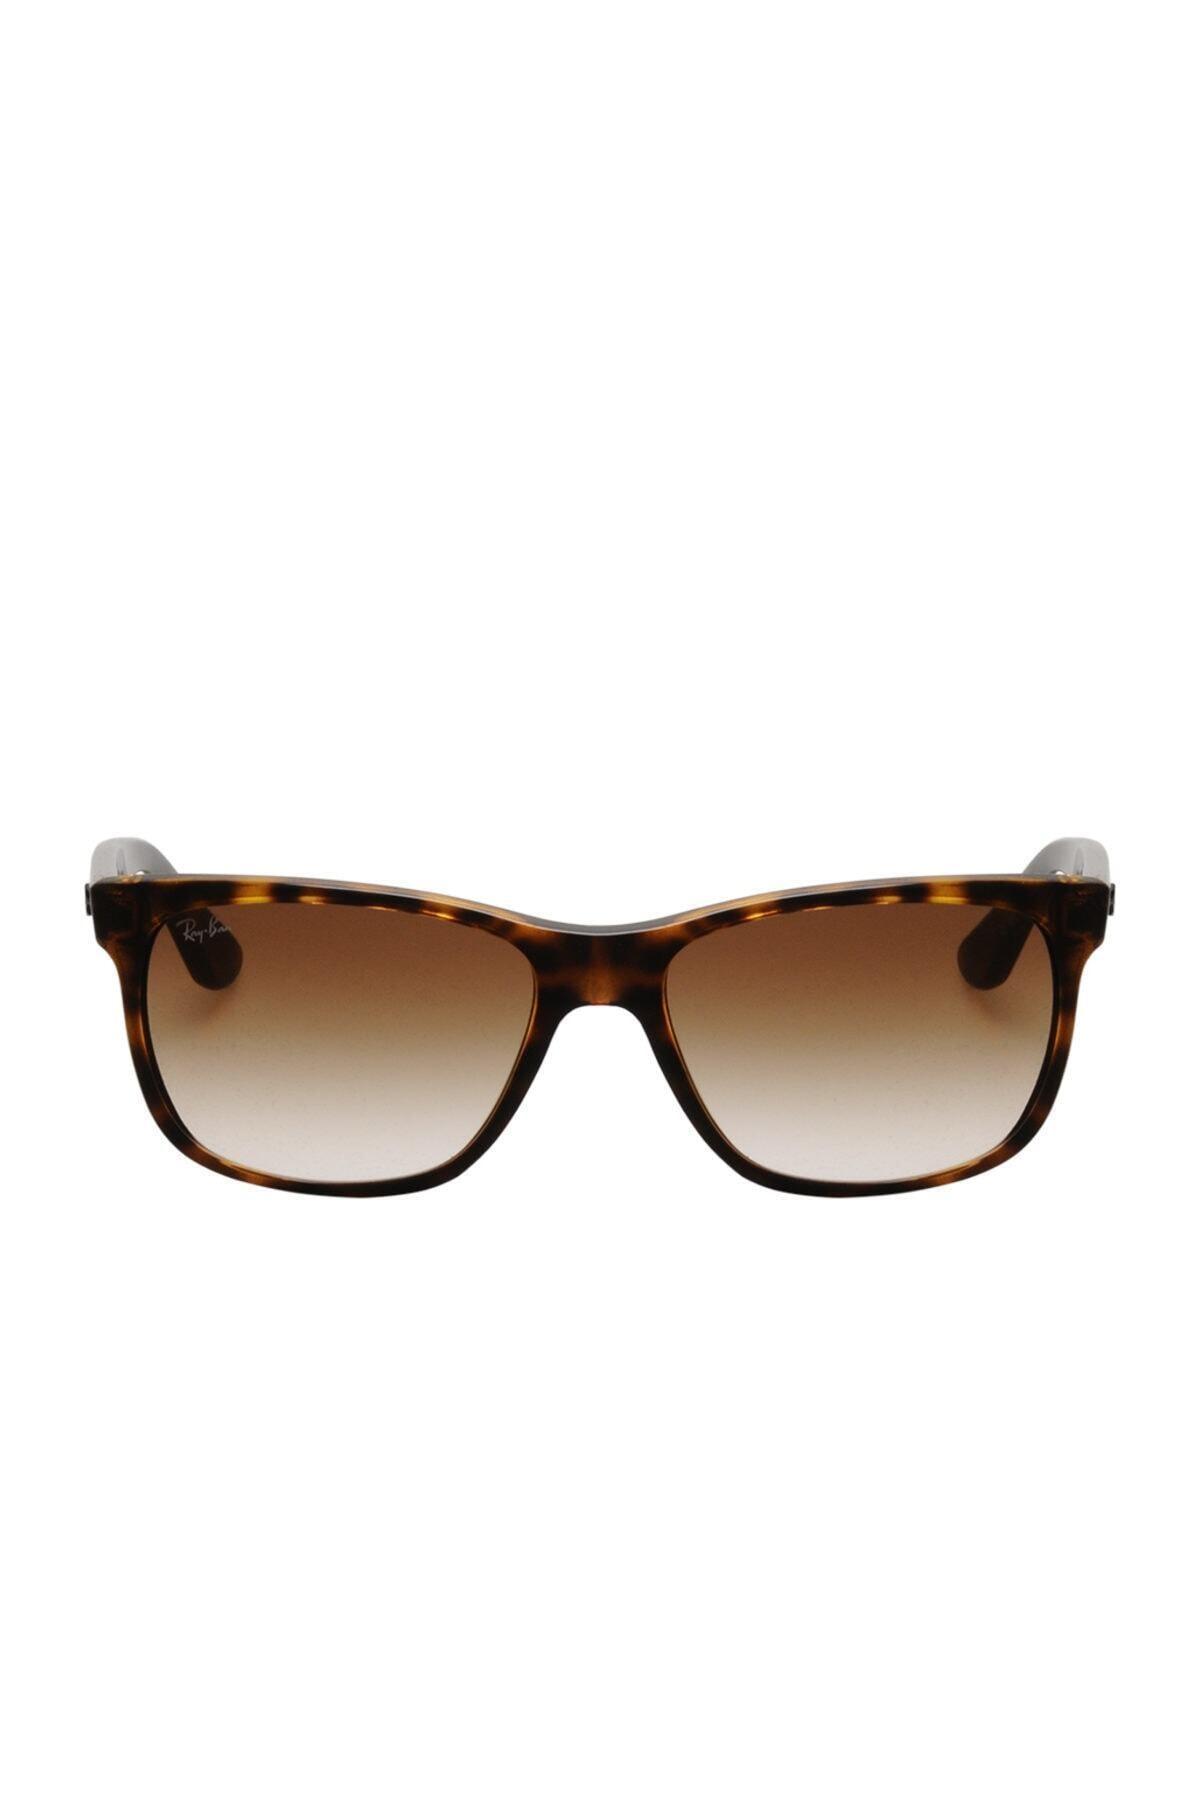 خرید انلاین عینک دودی طرح دار برند ری بن کد ty1266906